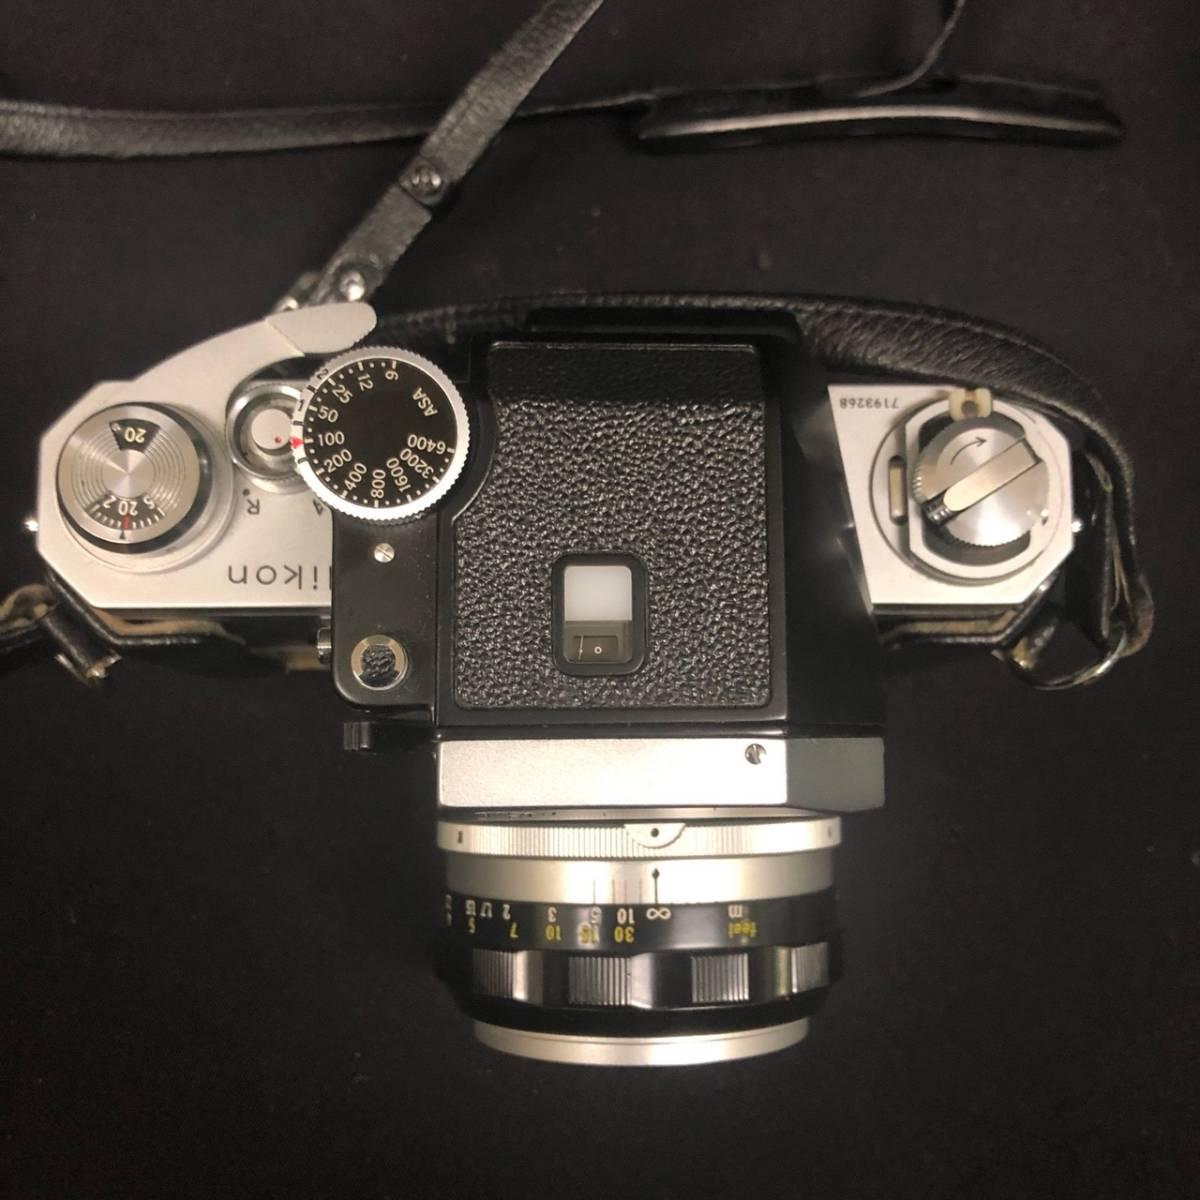 C20A01A Nikon F ニコン 一眼レフ カメラ レンズ 1:1.4 50mm ファインダー フォトミックファインダー _画像4